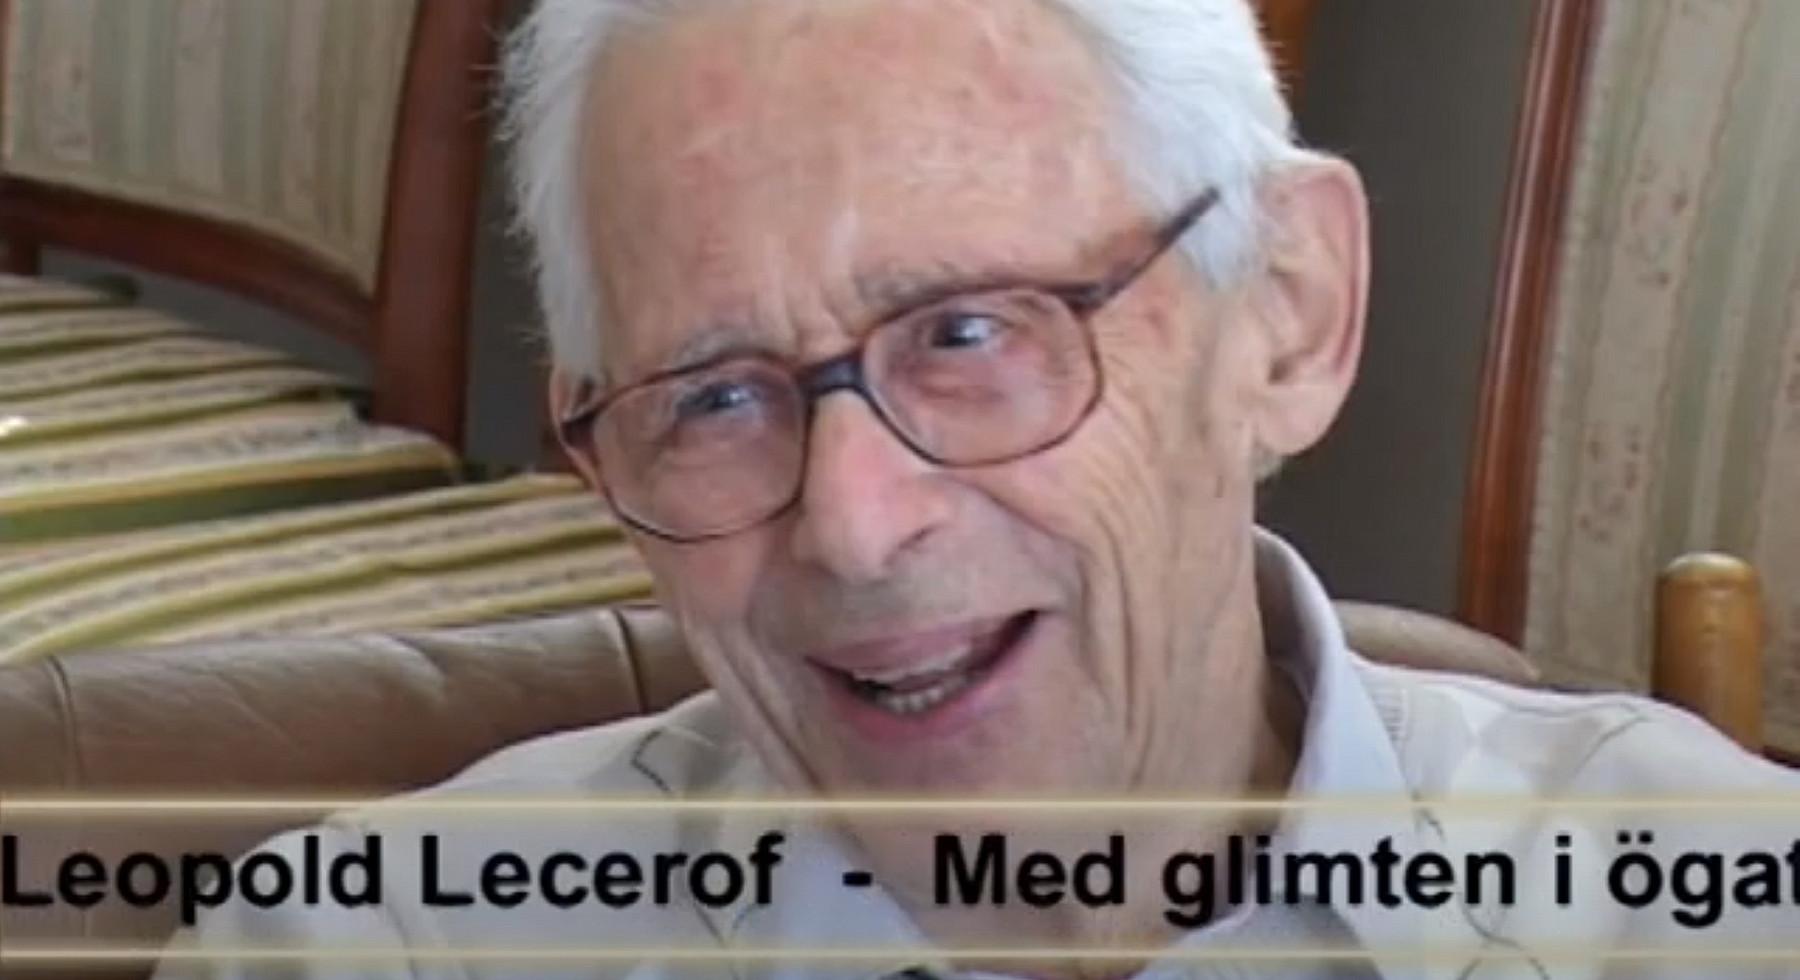 Leopold Lecerof